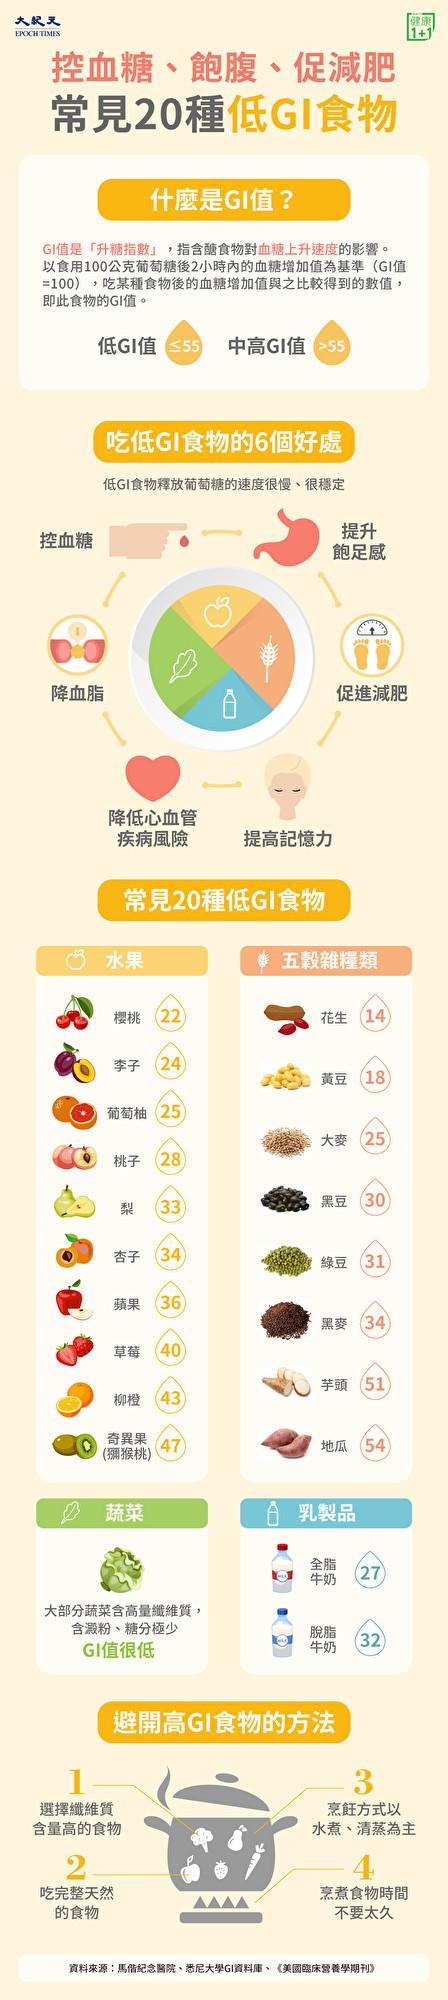 20種低GI食物(低升糖指數食物),幫你控血糖、飽腹、促減肥。(大紀元製圖)